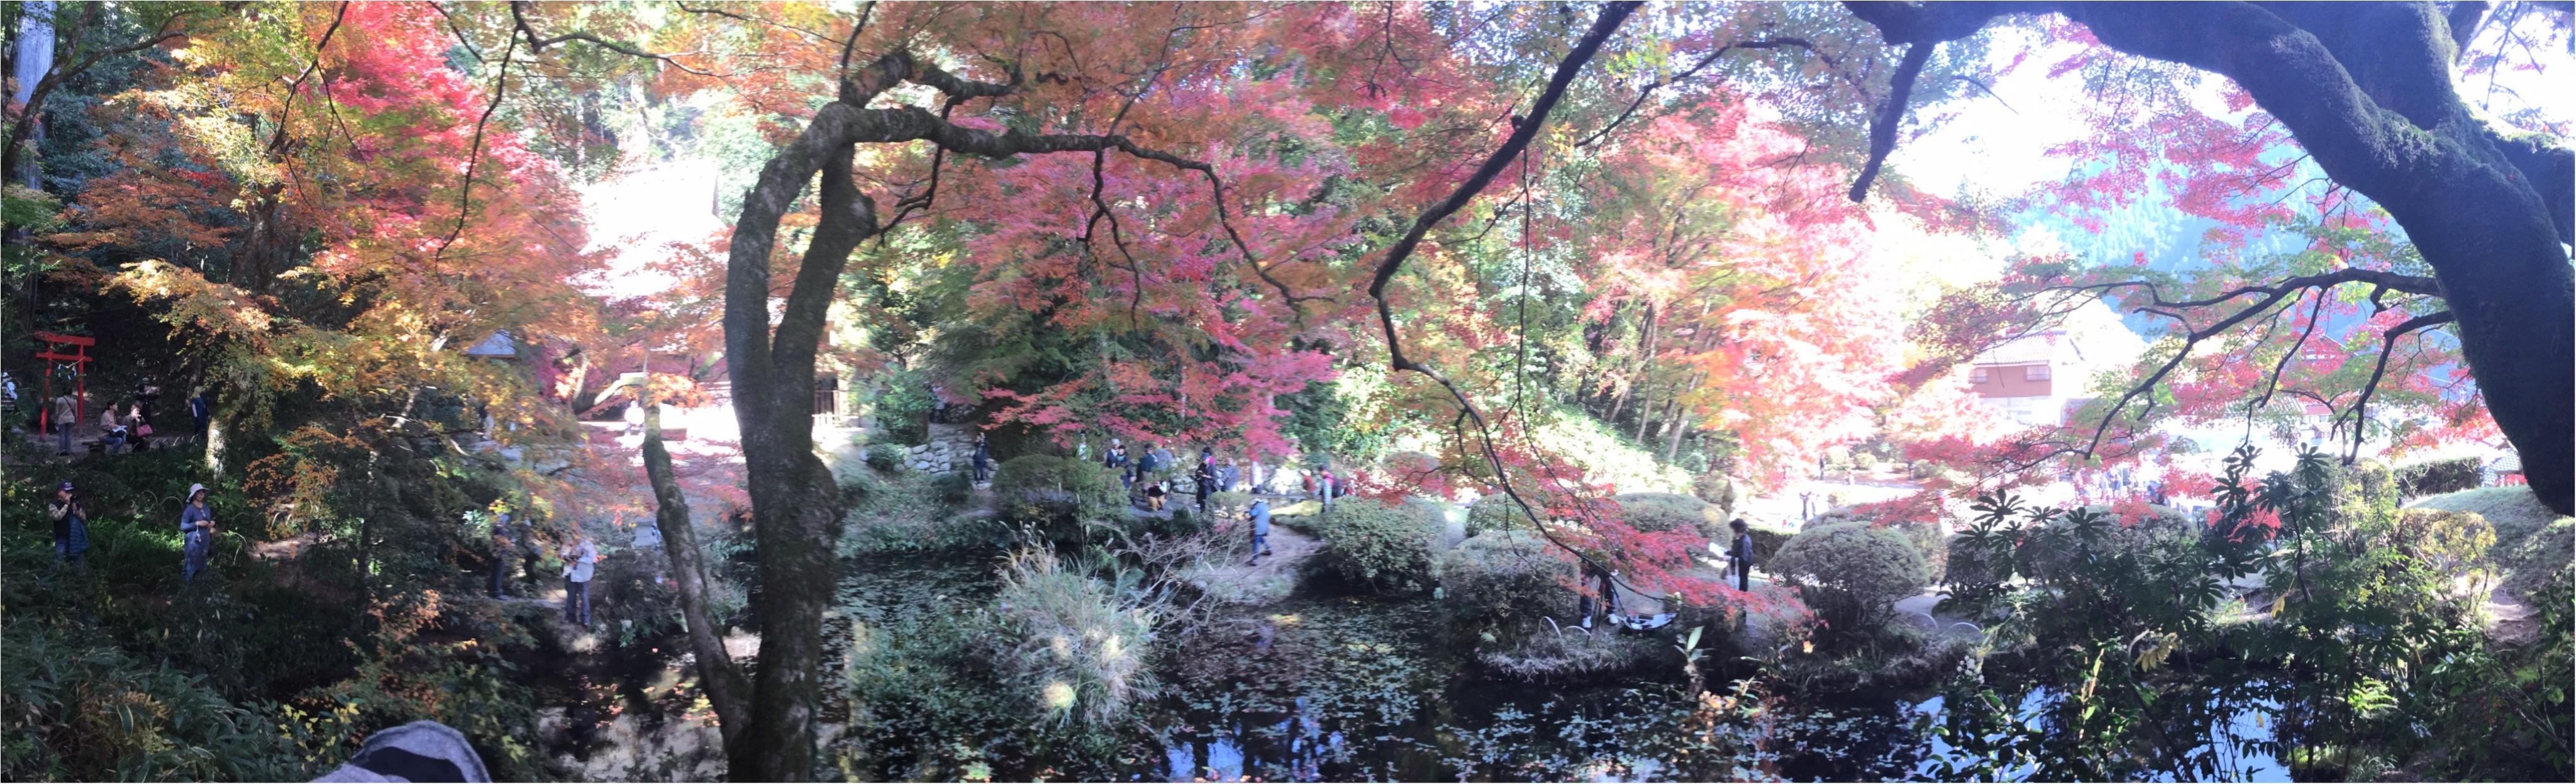 【#紅葉デート】春と秋に2週の週末しか一般公開されない!広島県を代表する紅葉スポット『吉水園』♡_1